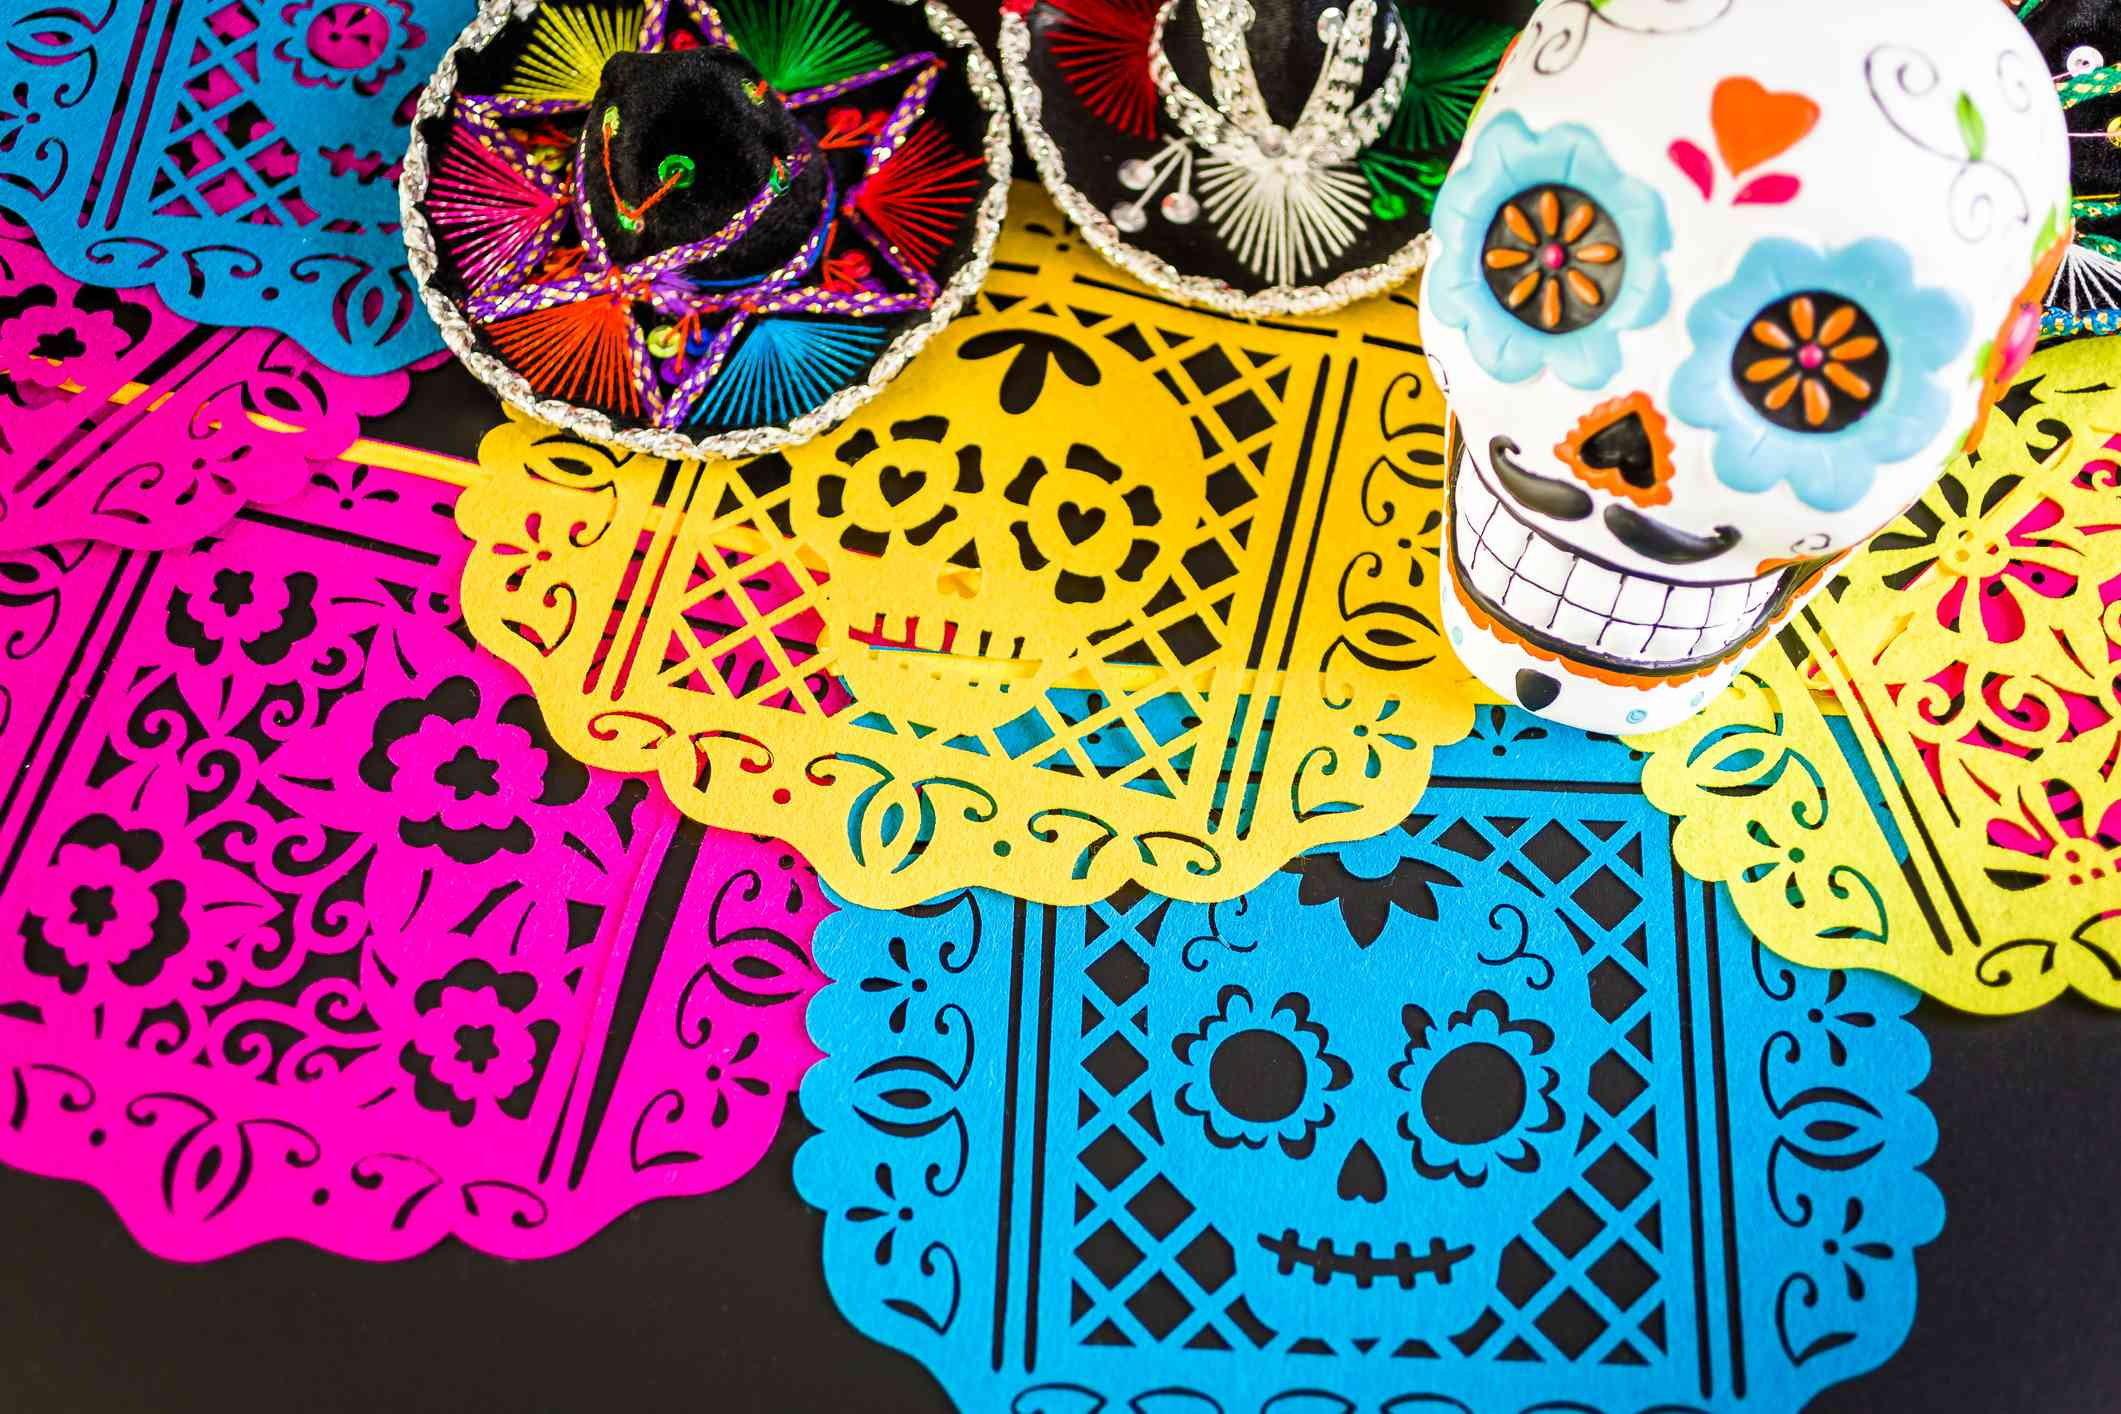 Decoraciones para la fiesta tradicional mexicana del Día de los Muertos